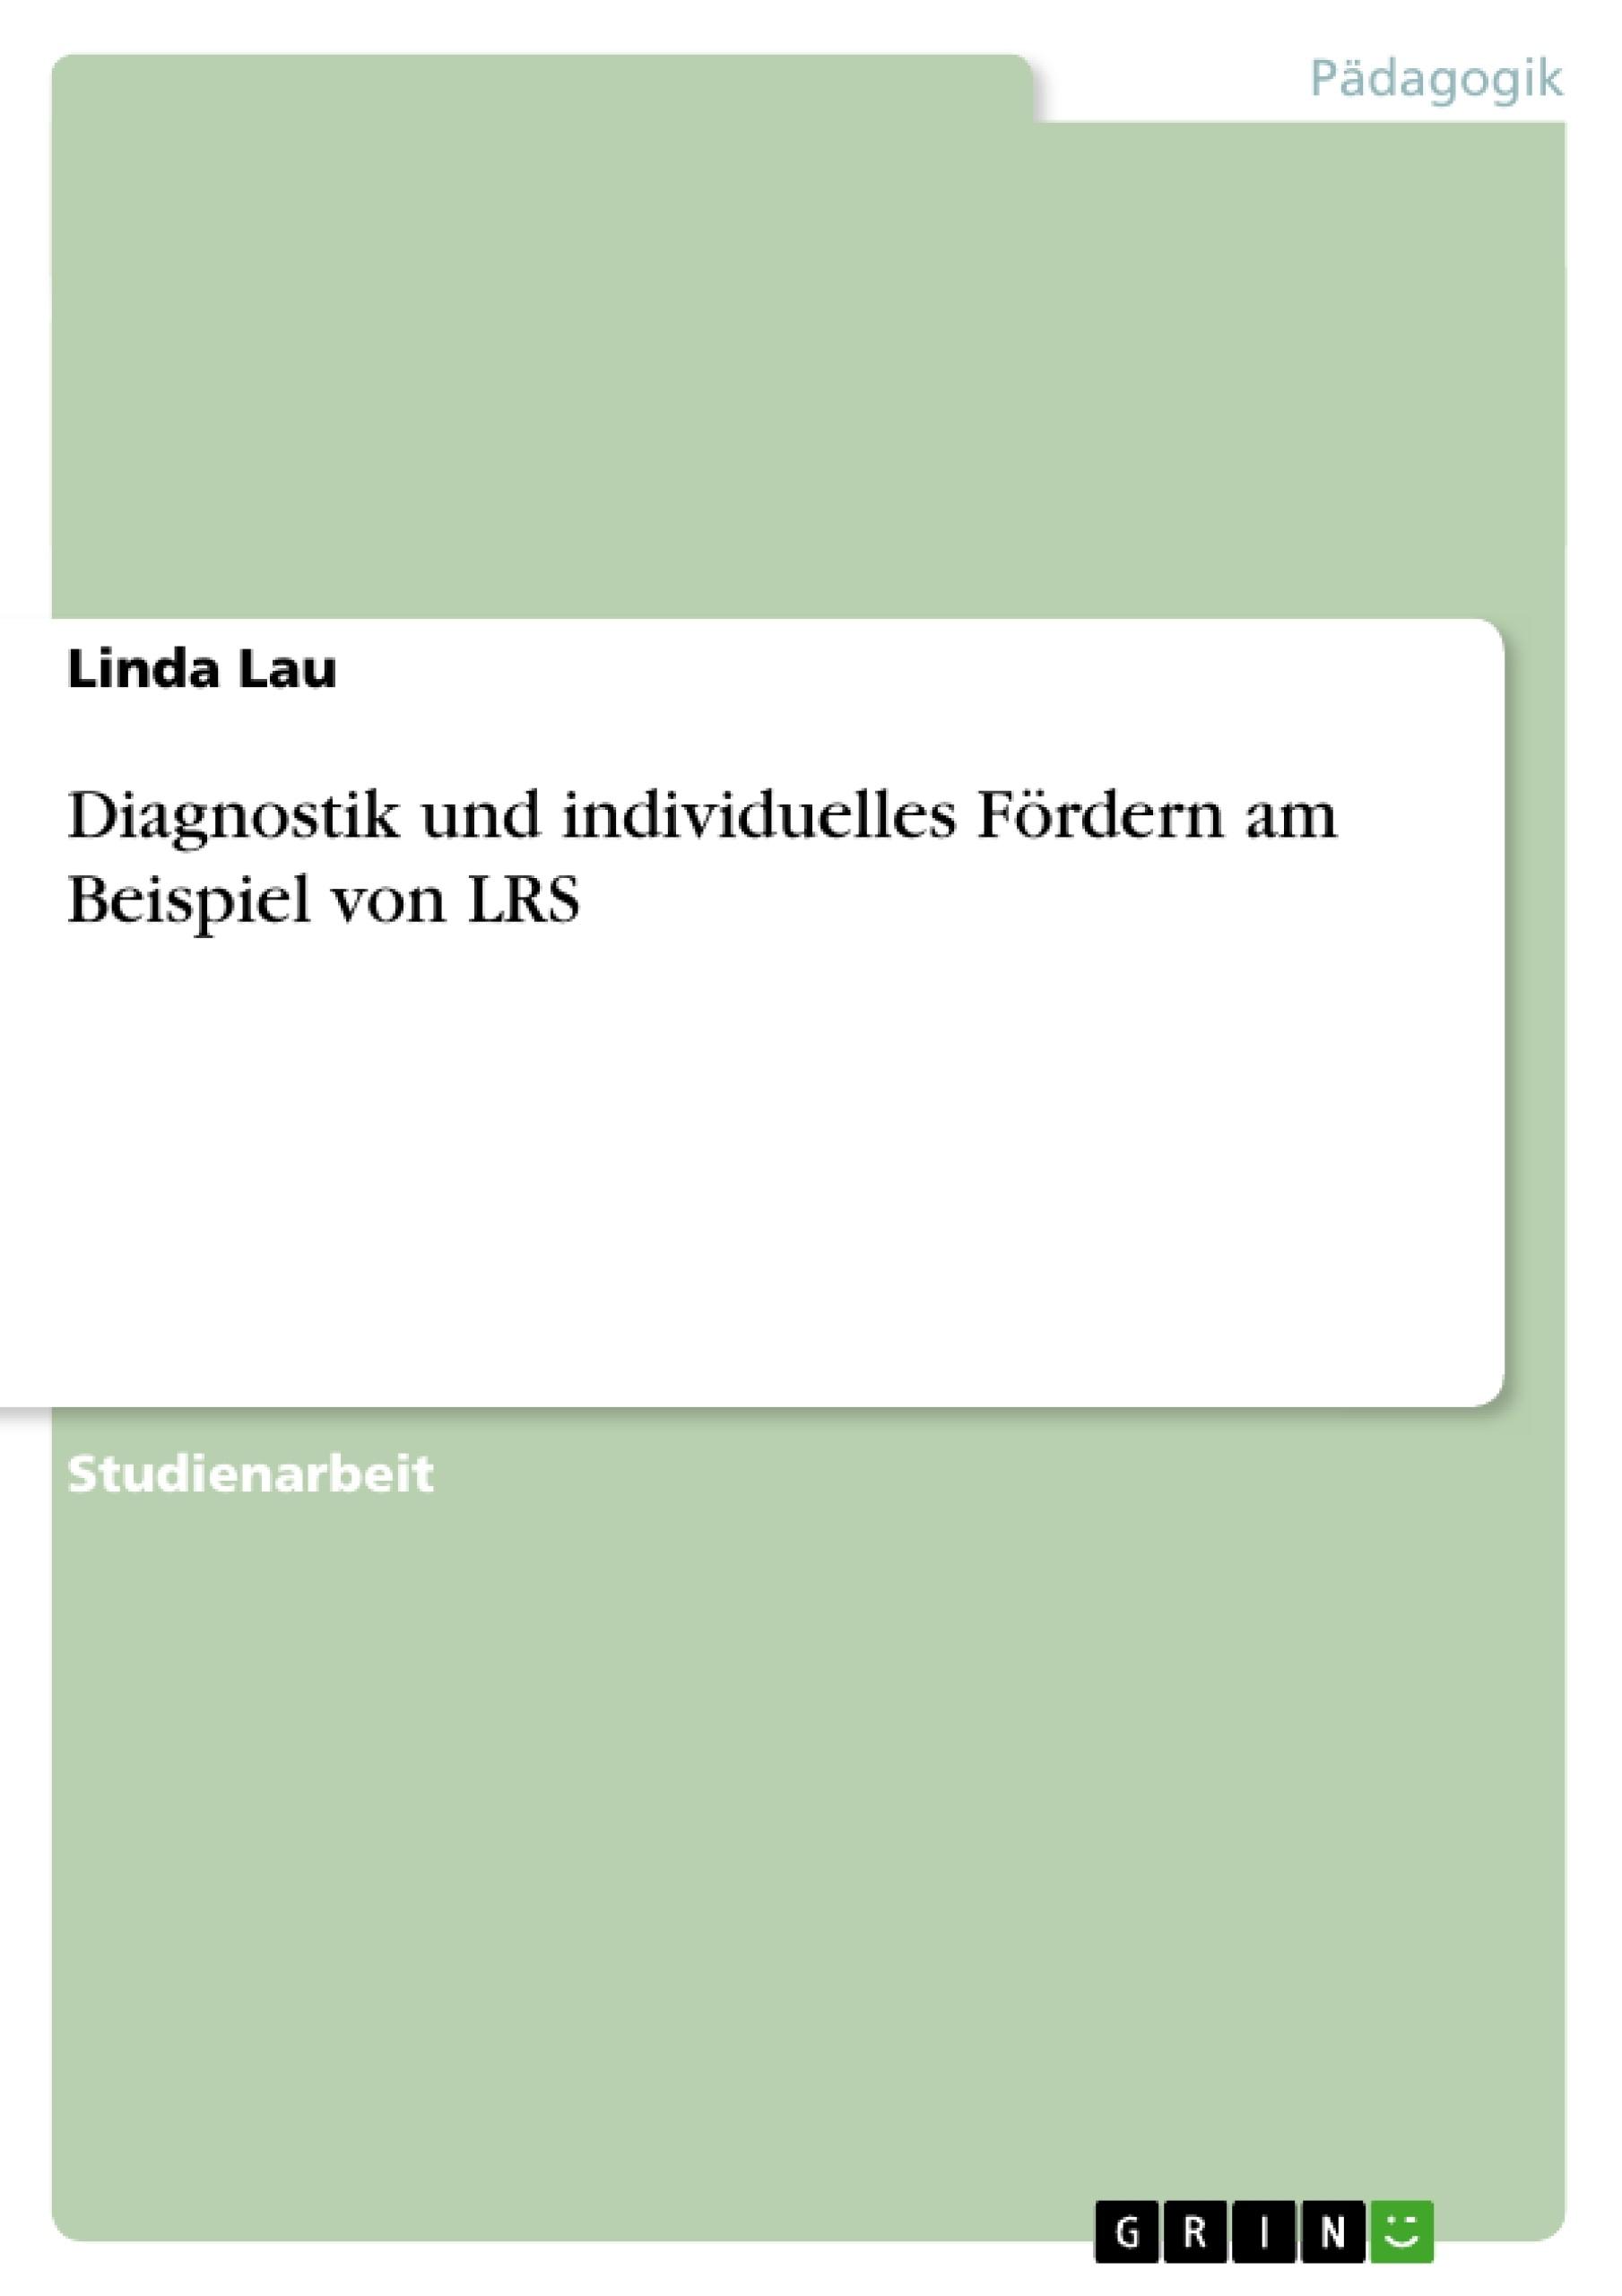 Titel: Diagnostik und individuelles Fördern am Beispiel von LRS